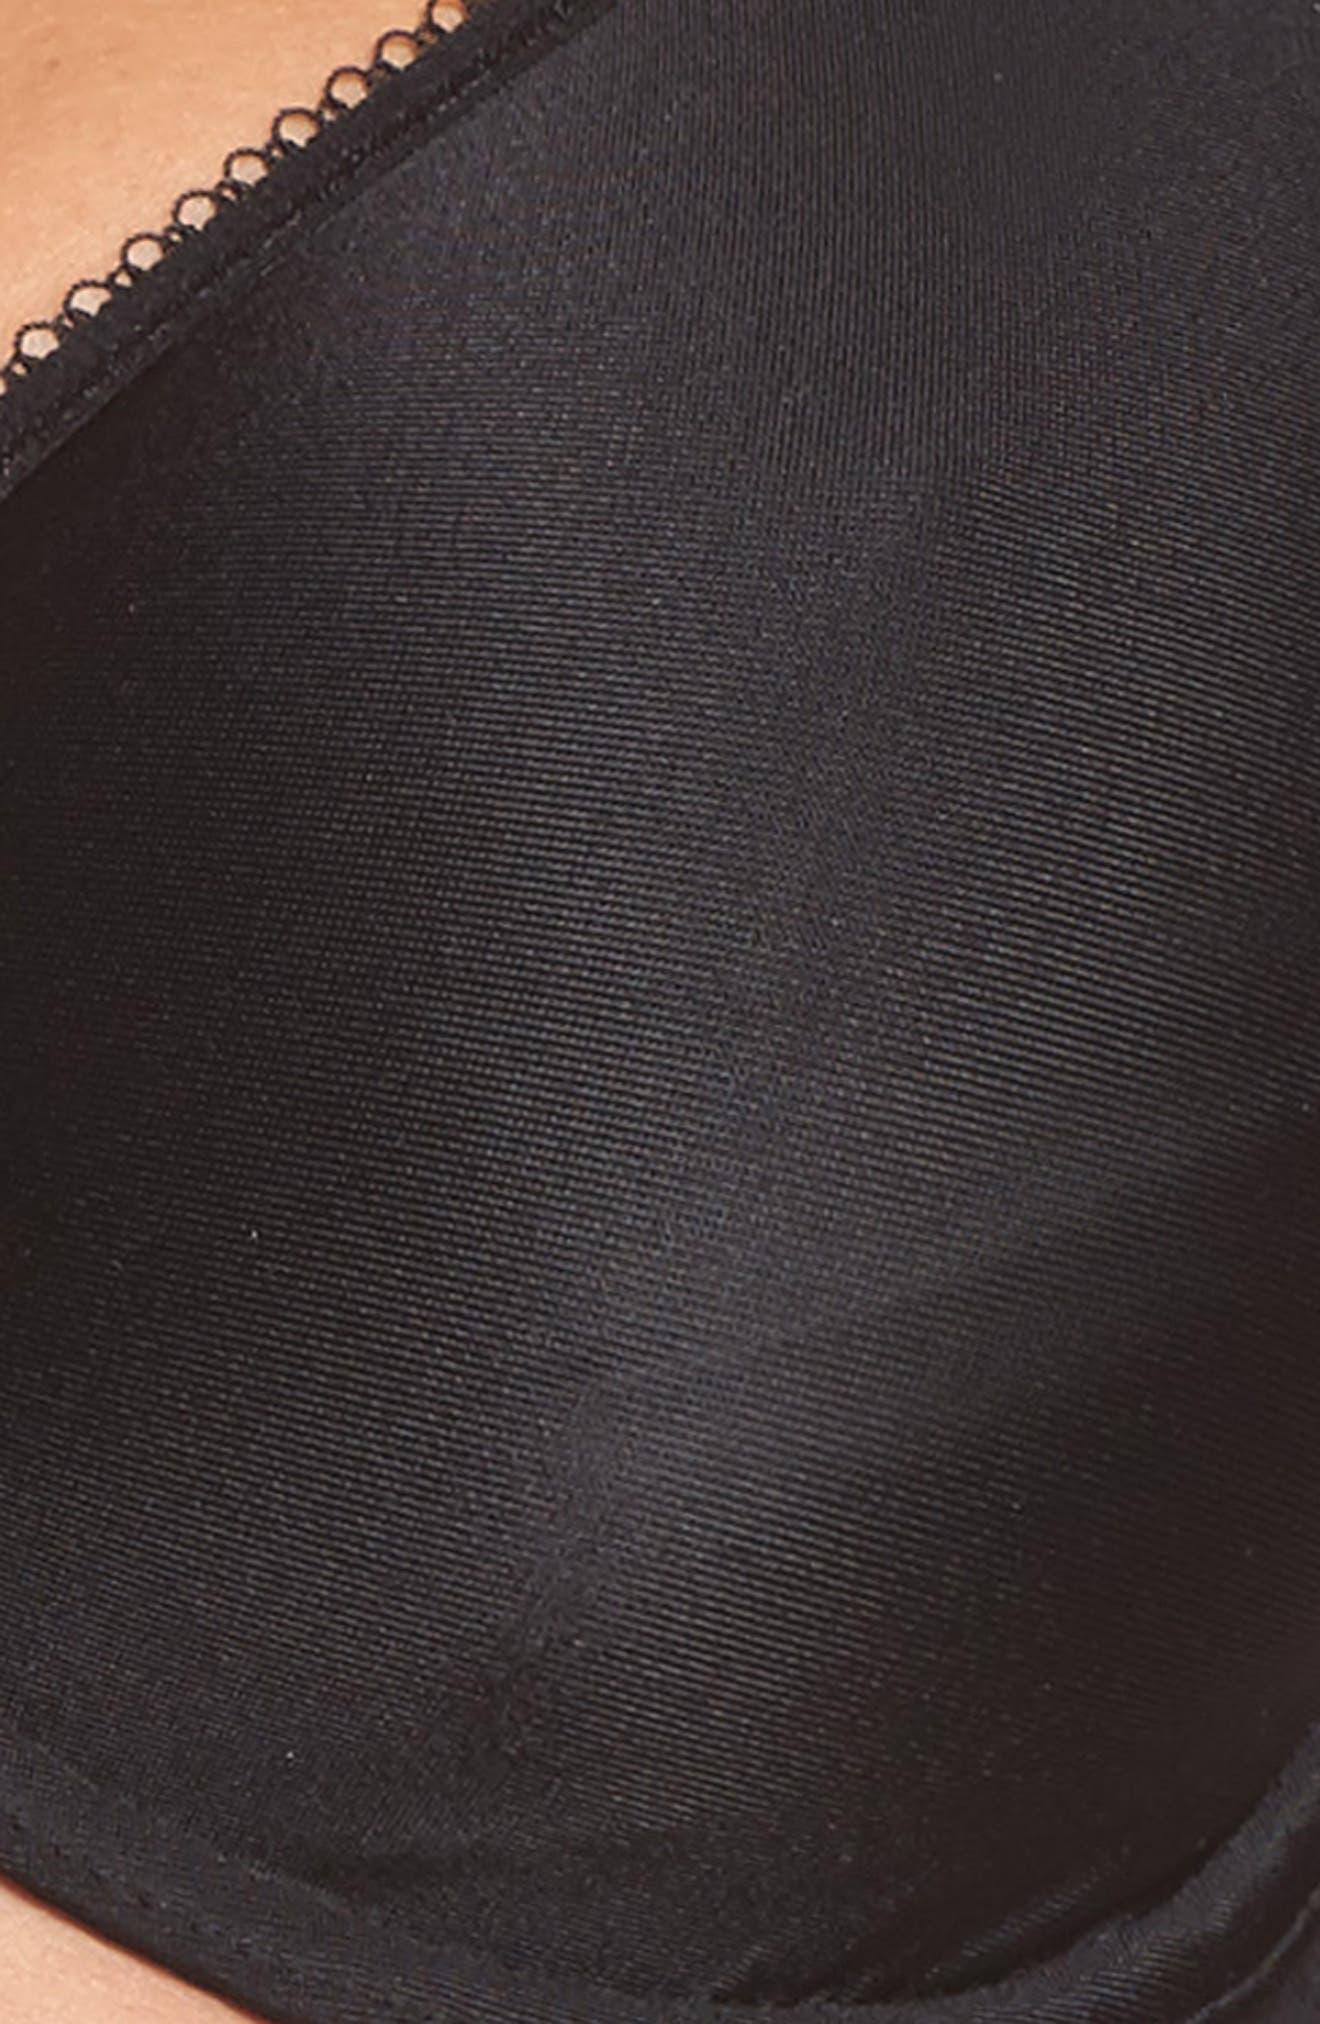 Basic Beauty Full Figure Underwire Bra,                             Alternate thumbnail 4, color,                             BLACK